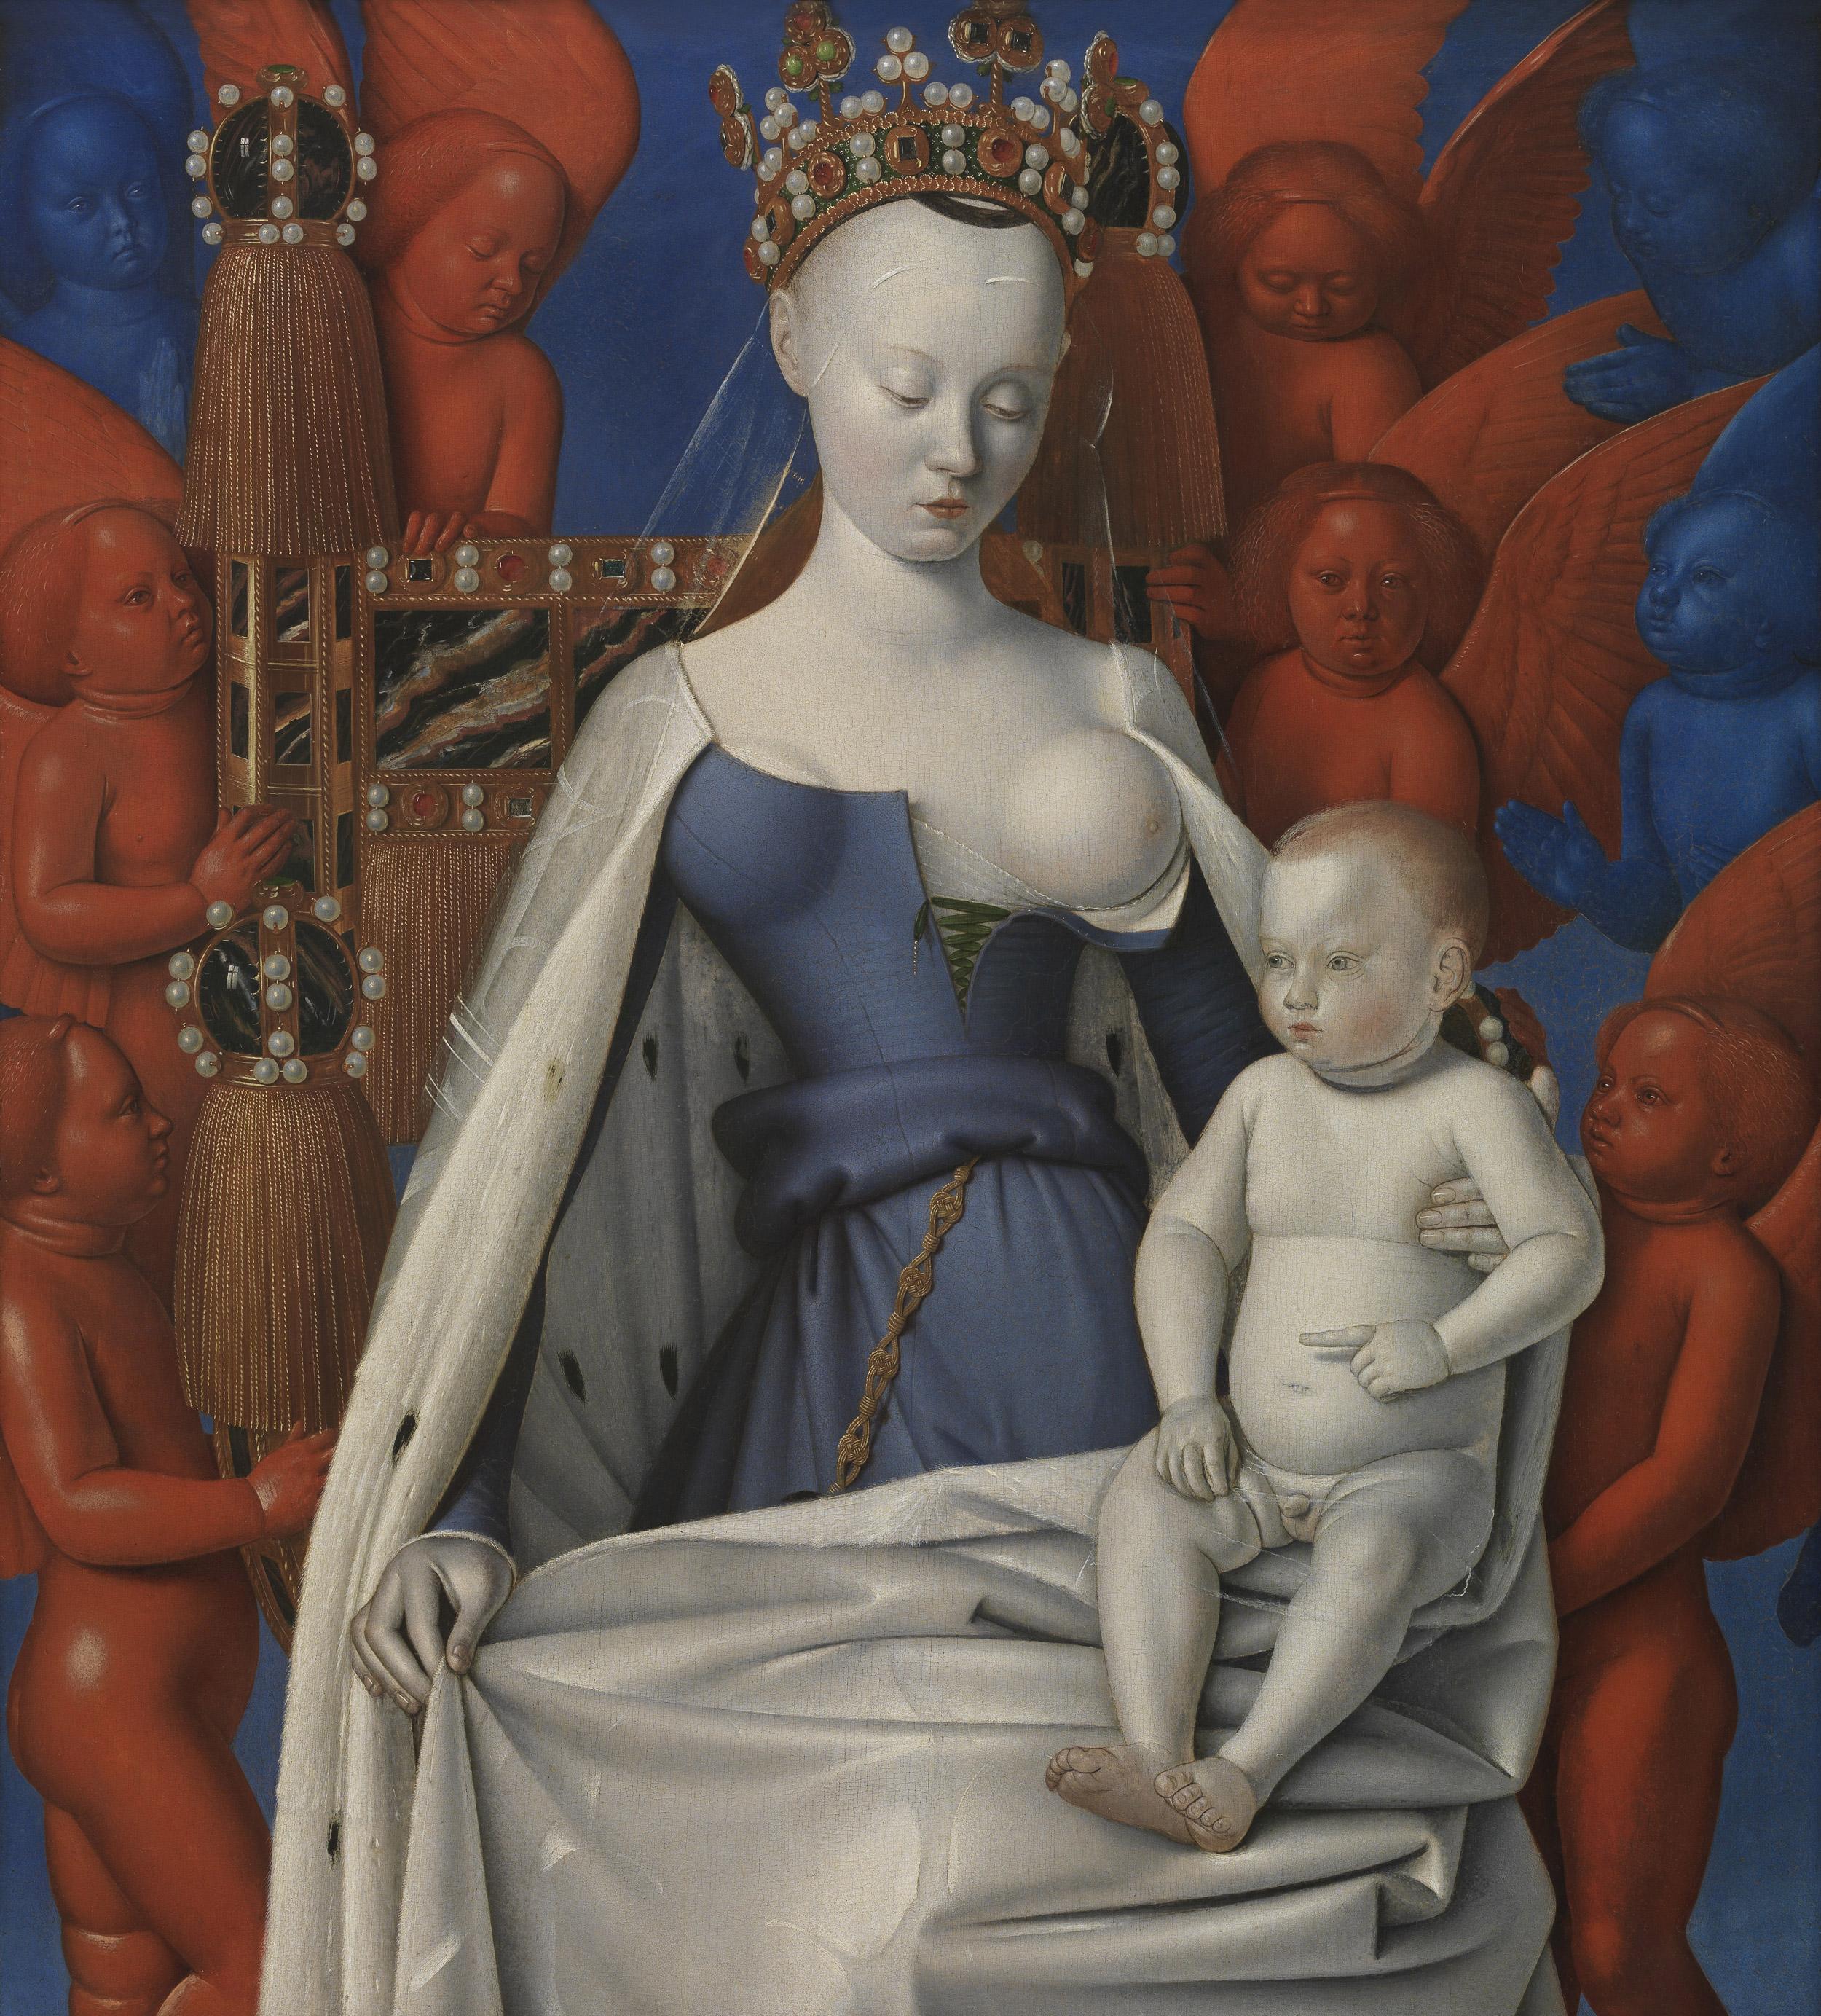 Jean Fouquet (1410/1430 - 1477/1481), Madonna omringd door serafijnen en cherubijnen (1454-1456), Koninklijk Museum voor Schone Kunsten Antwerpen. Foto Lukas-Art in Flanders - Hugo Maertens.